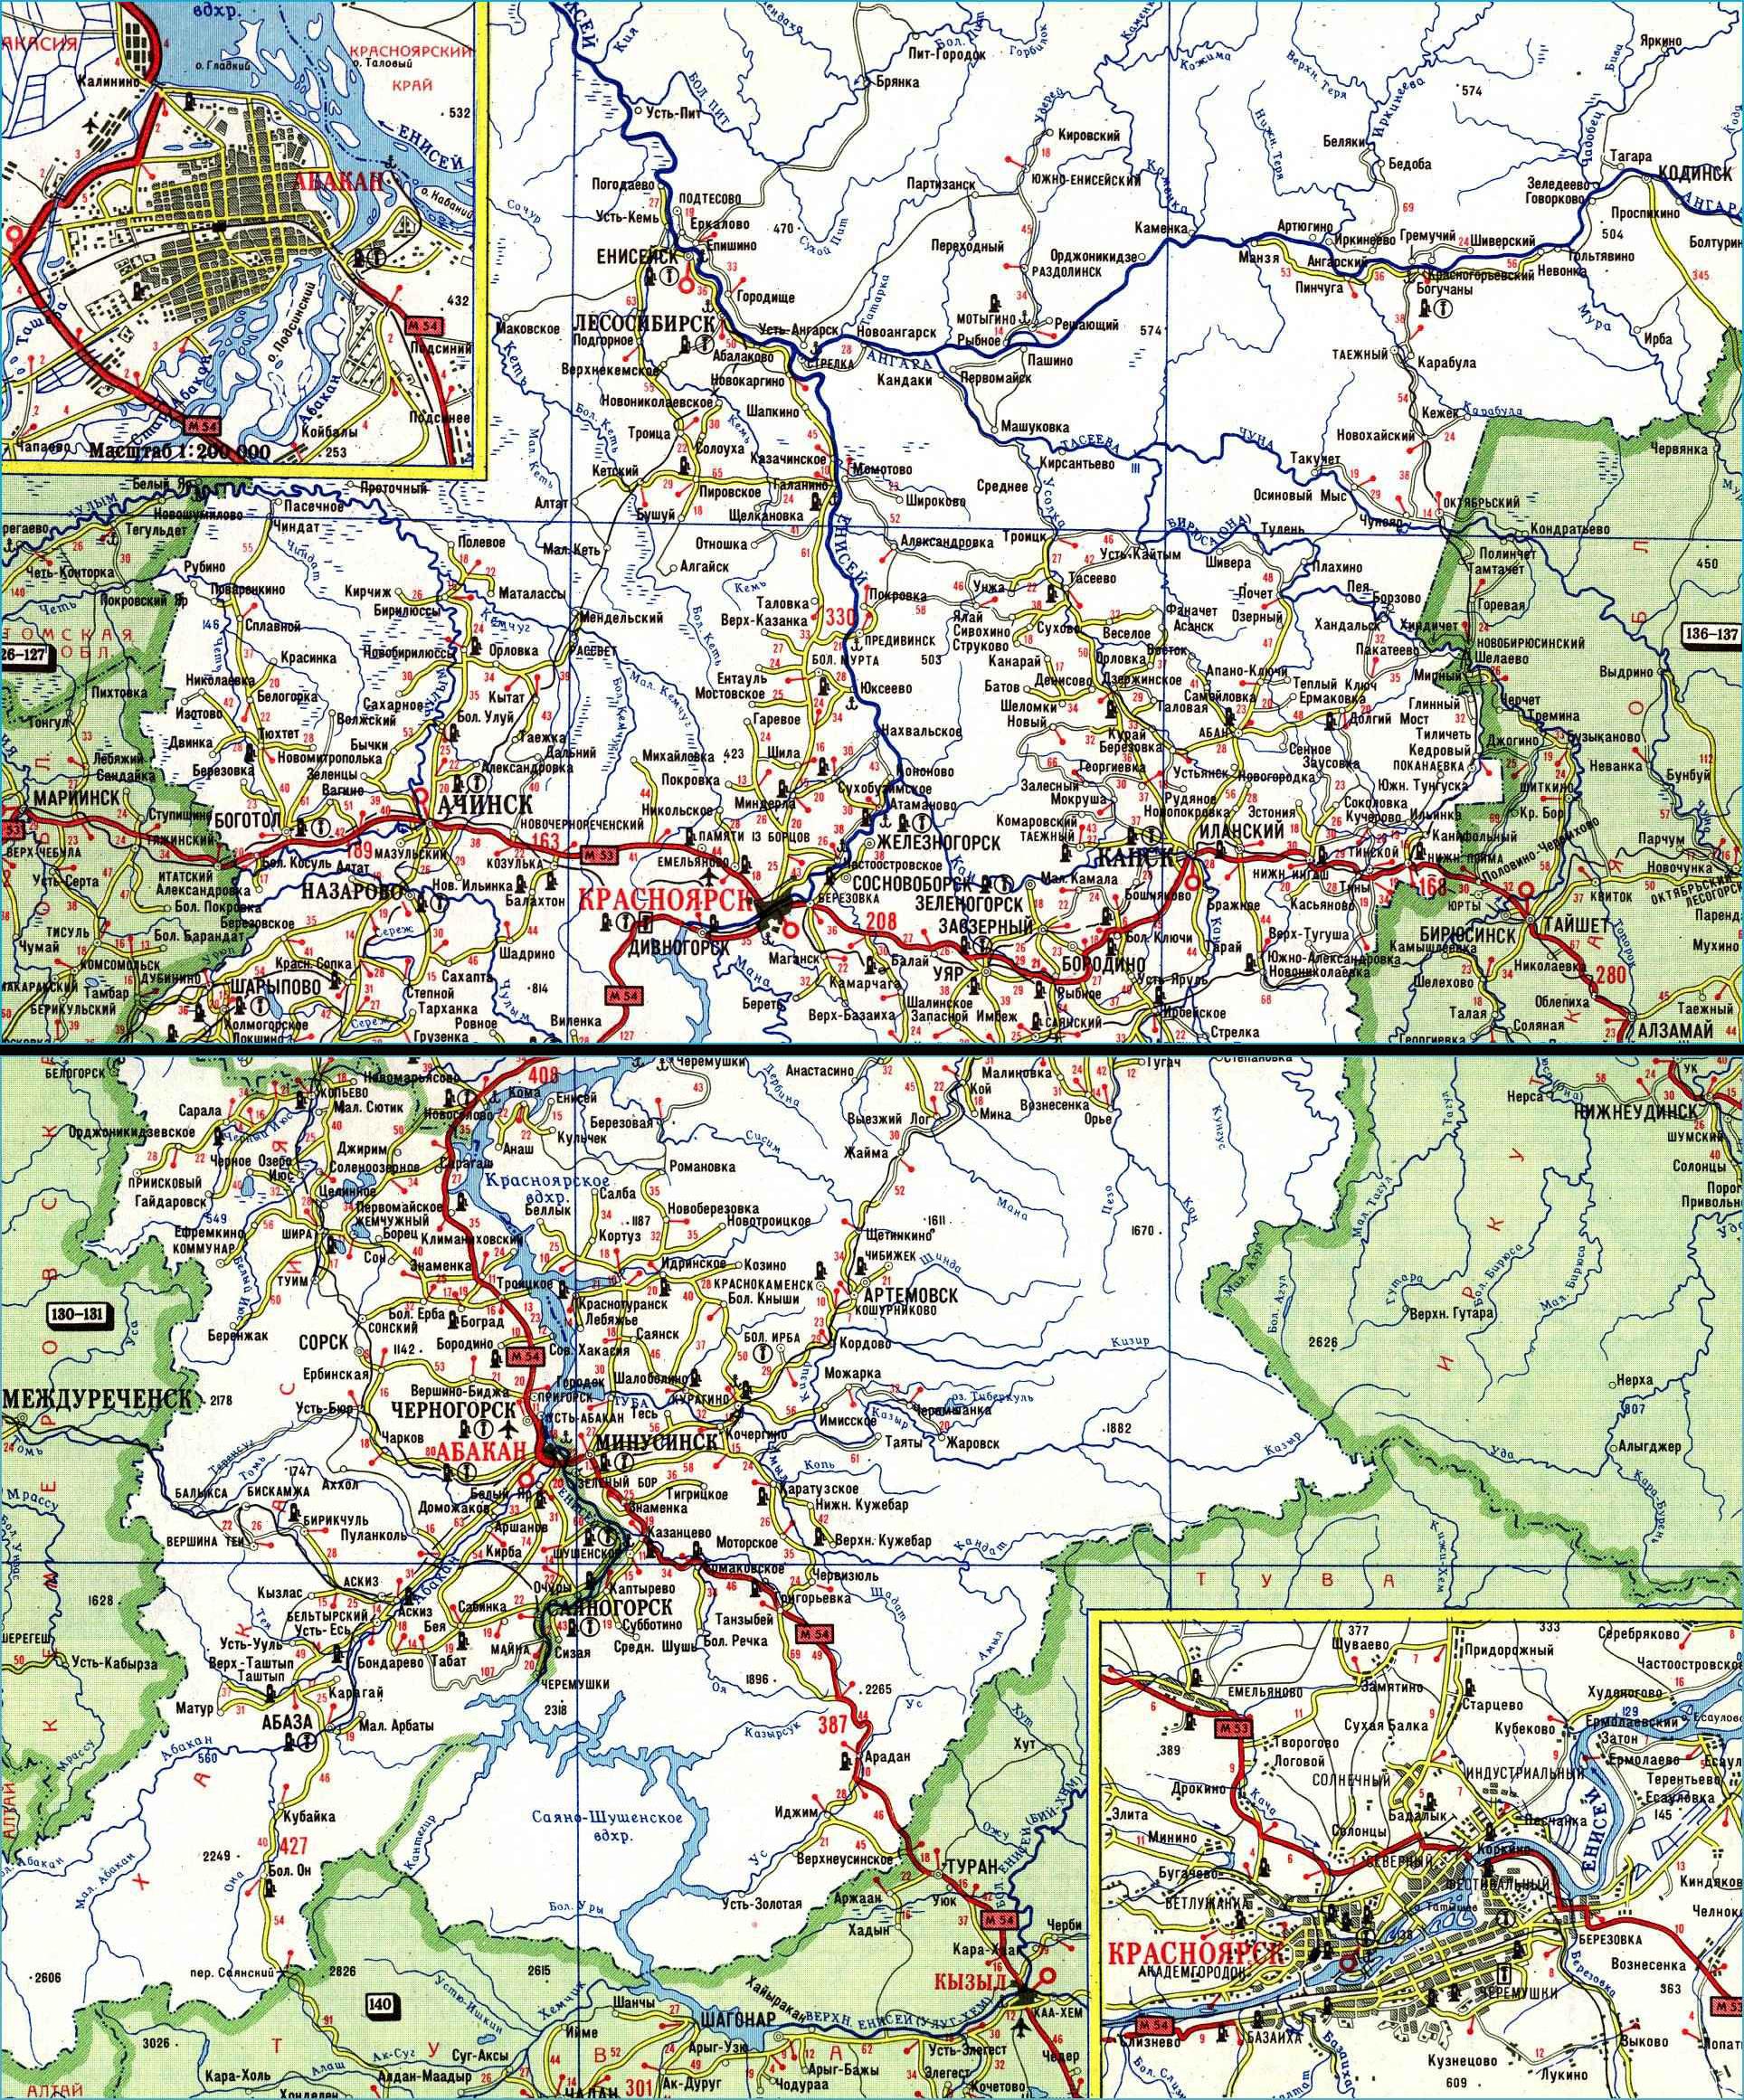 красноярский край на карте россии посмотреть